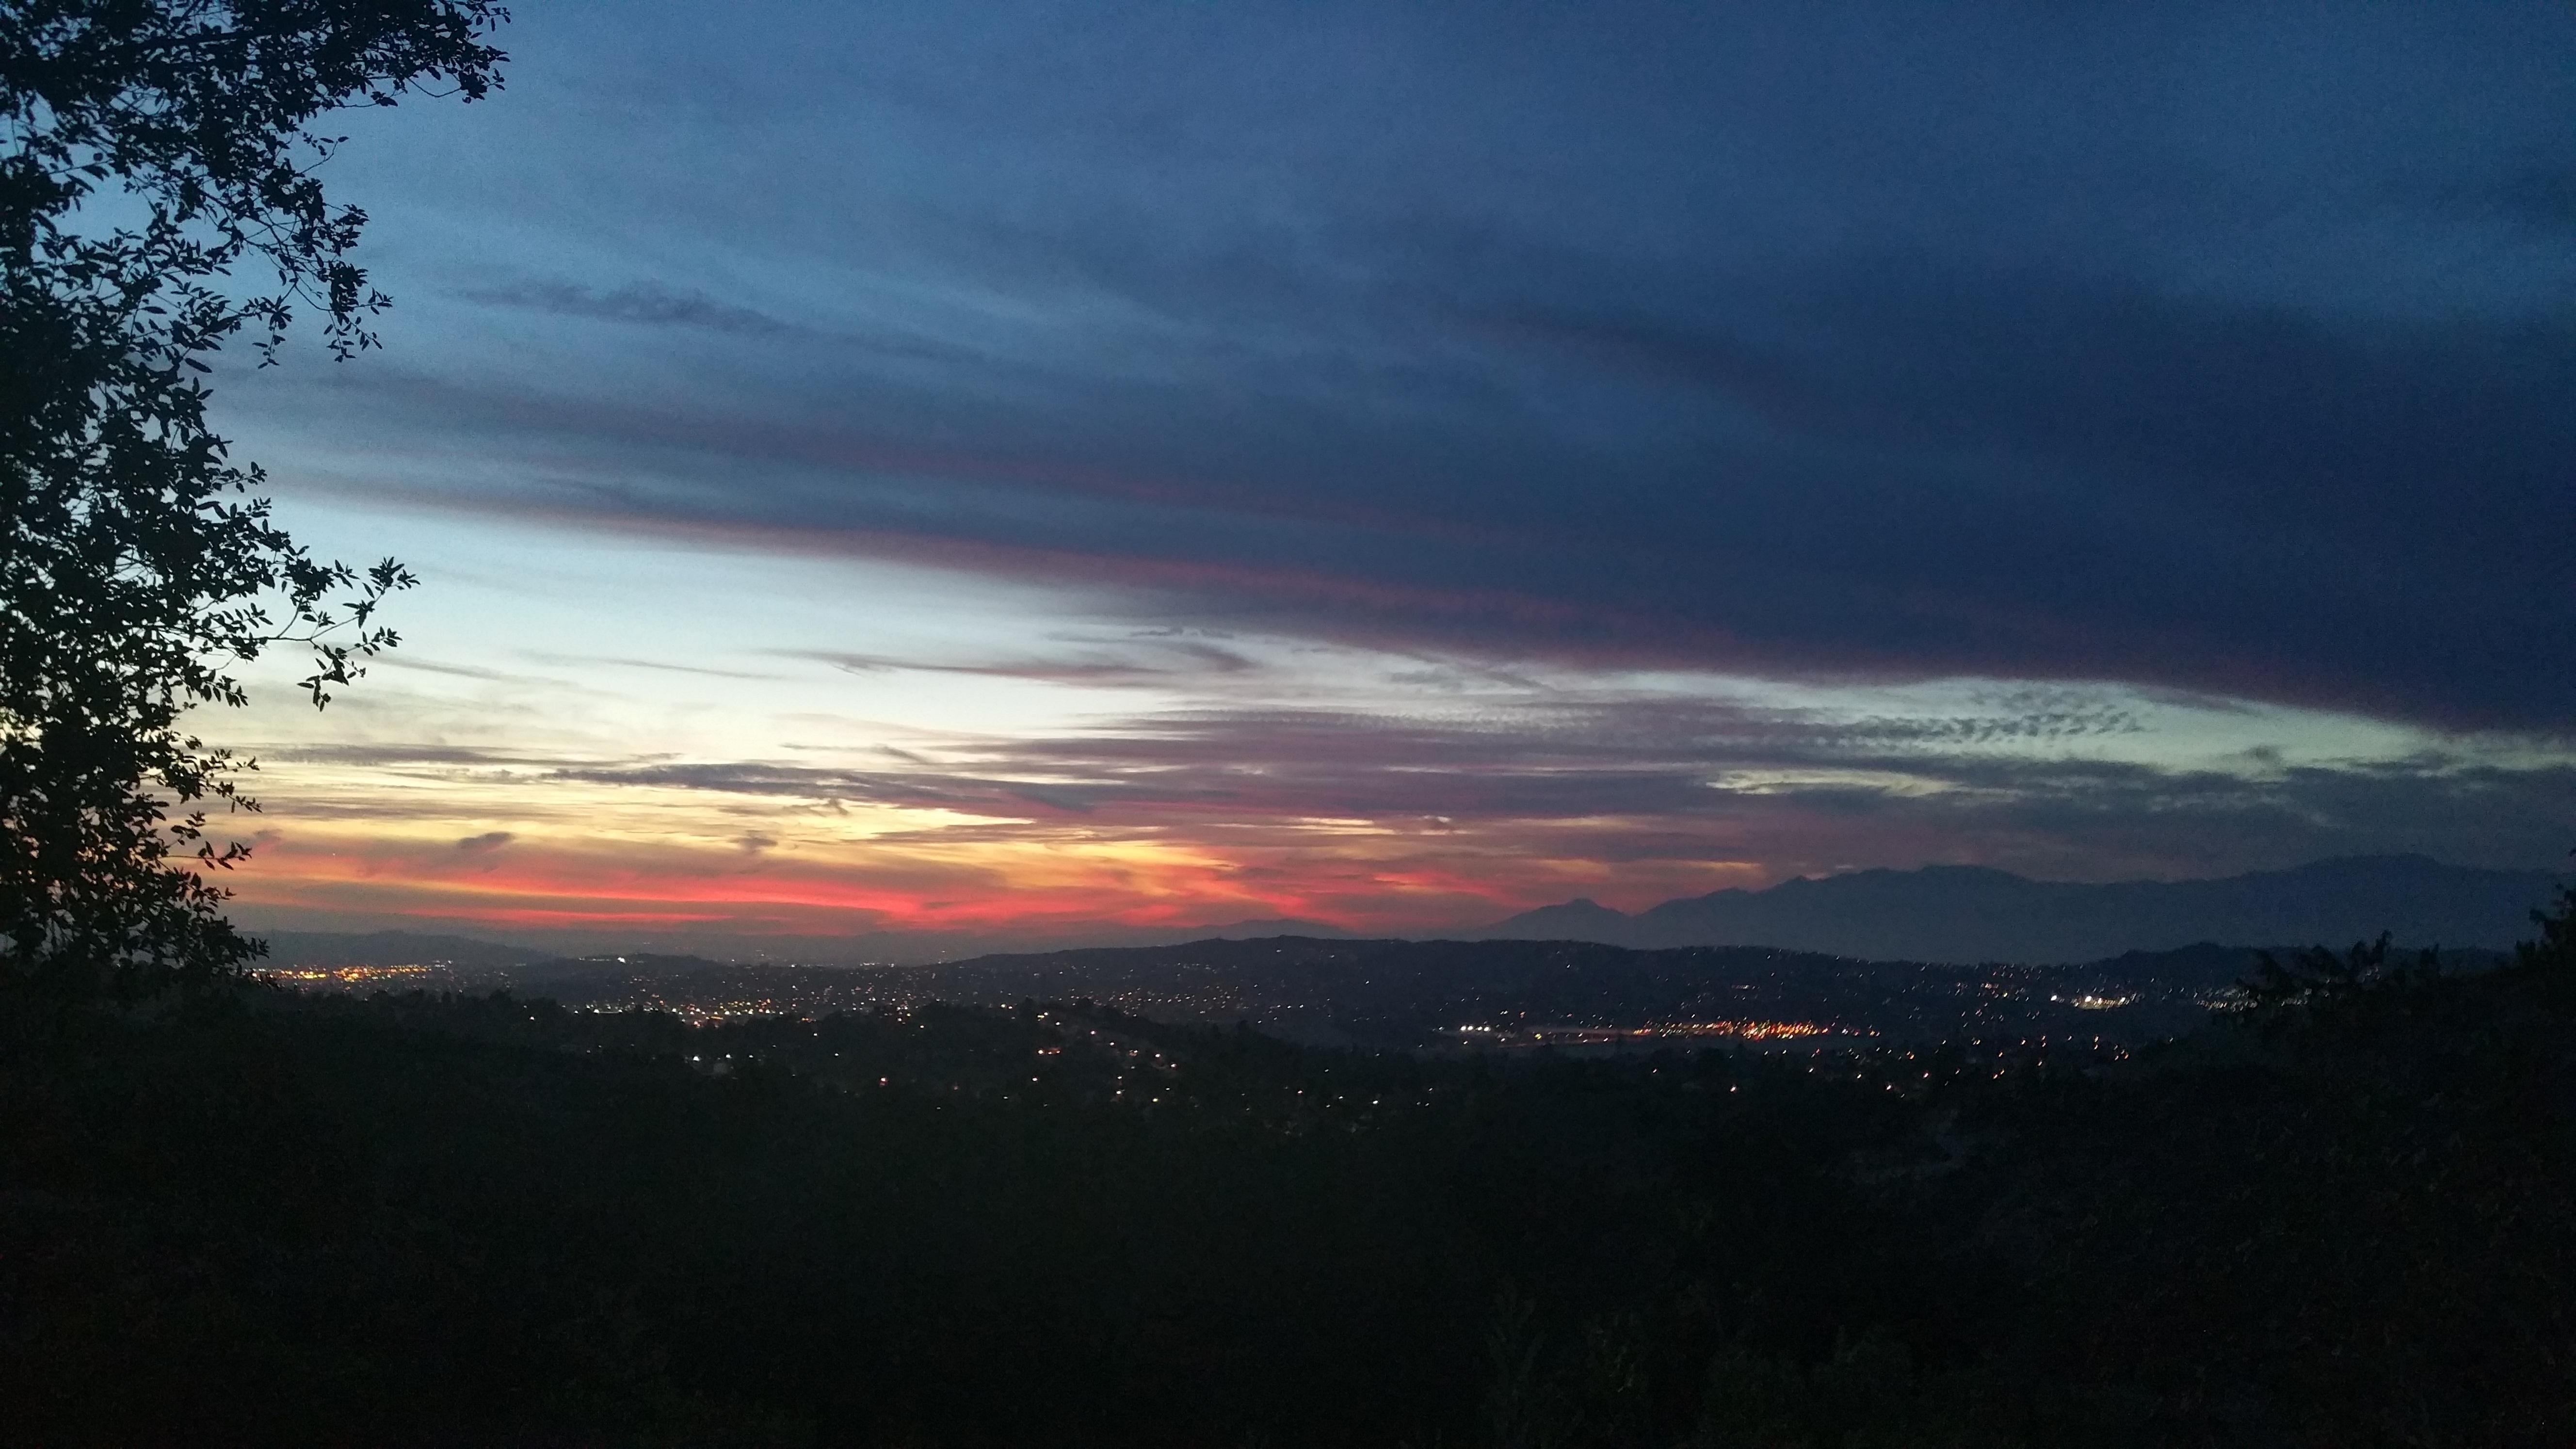 Gambar Pemandangan Alam Outdoor Horison Gunung Awan